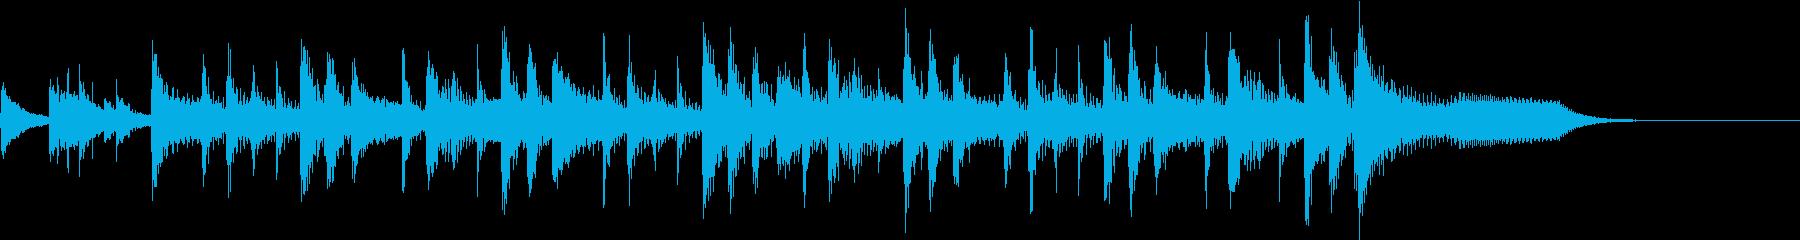 ランチェロリズム、速いテンポ、ピアノなしの再生済みの波形